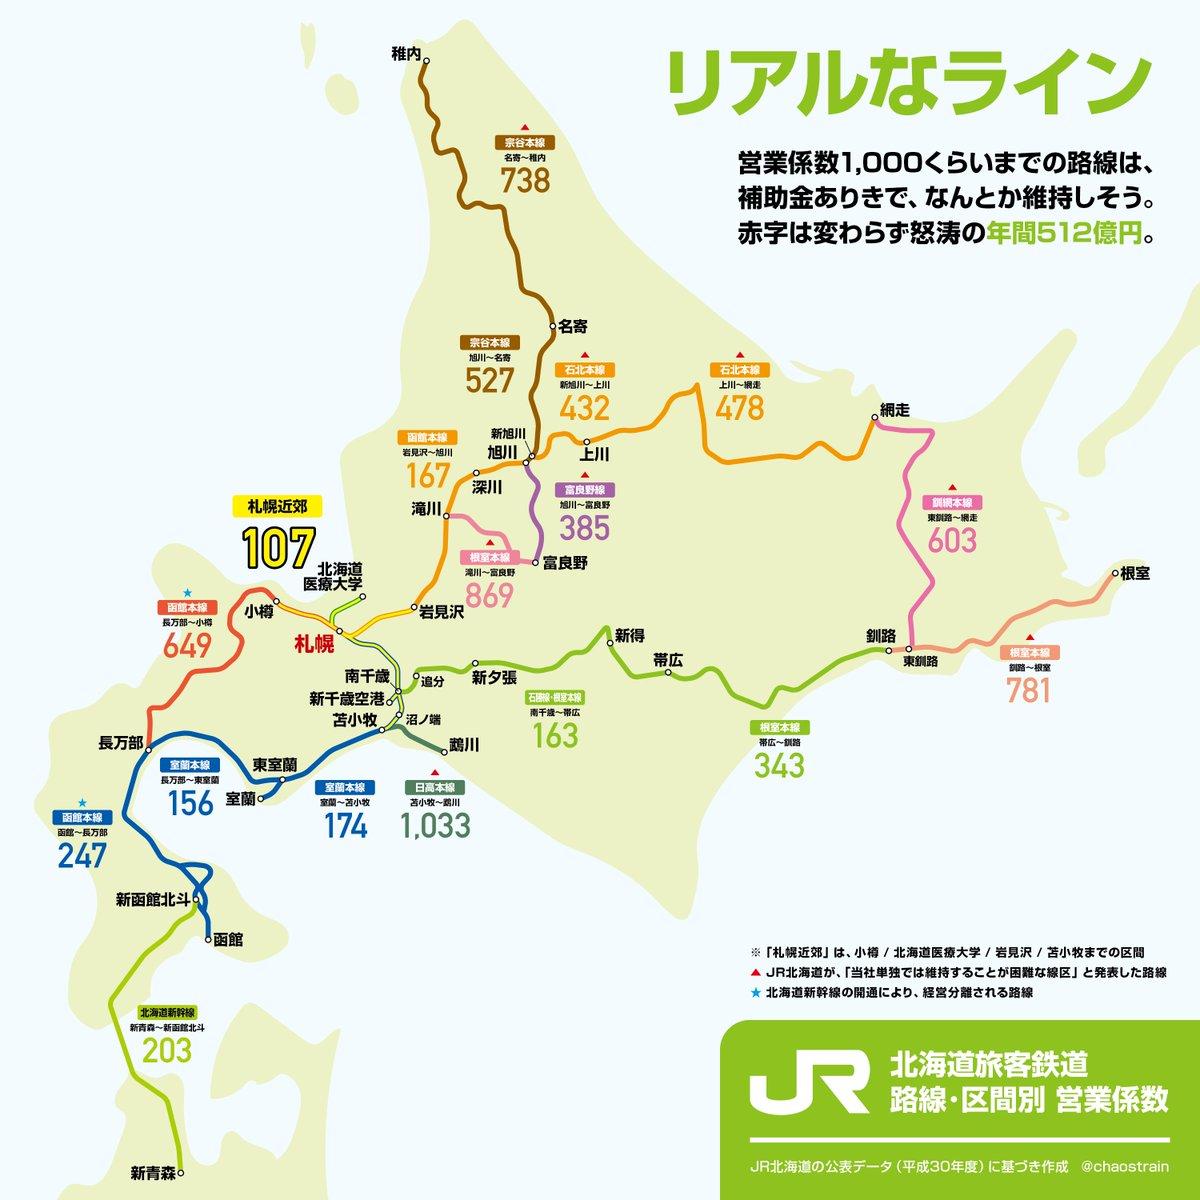 運行 情報 北海道 jr 【運行情報】JR北海道は3日の特急「おおぞら」「とかち」など運休 大雪の影響